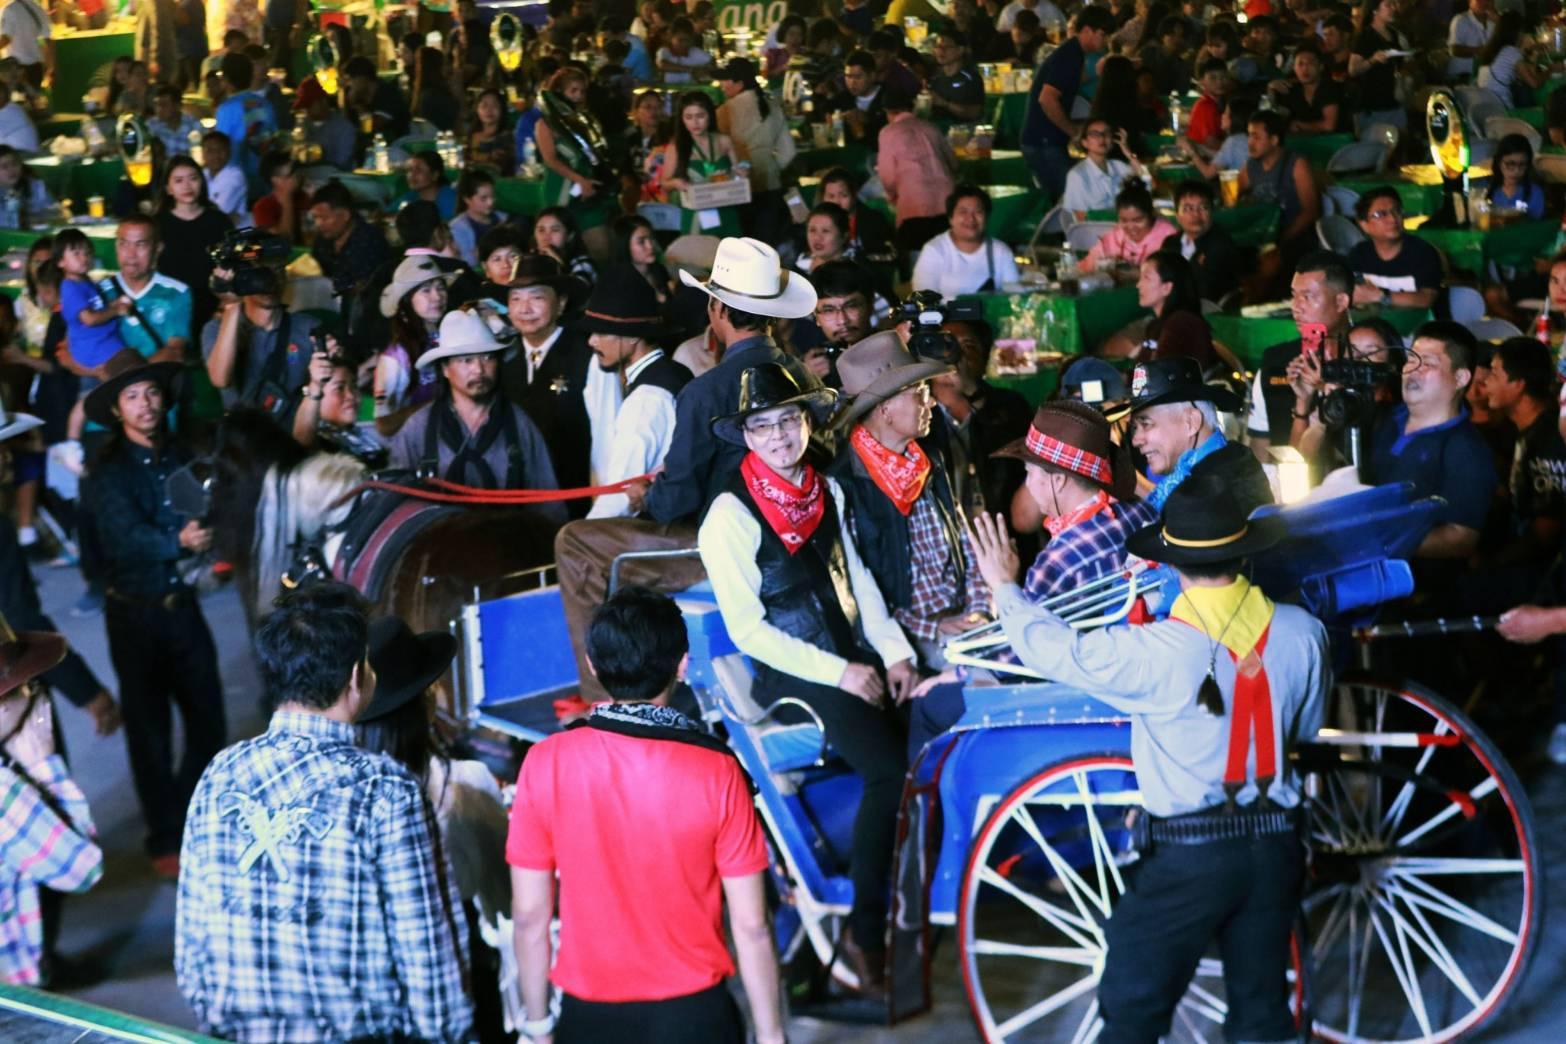 โคราช คึกคัก จัดเทศกาลอาหารส่งท้ายปลายปีของเมืองย่าโม งานเทศกาลอาหารย่าง ณ โคราช 2019  หรือ BBQ FBSTIVA ครั้งที่ 13 หวังกระตุ้นเศรษฐกิจท่องเที่ยว